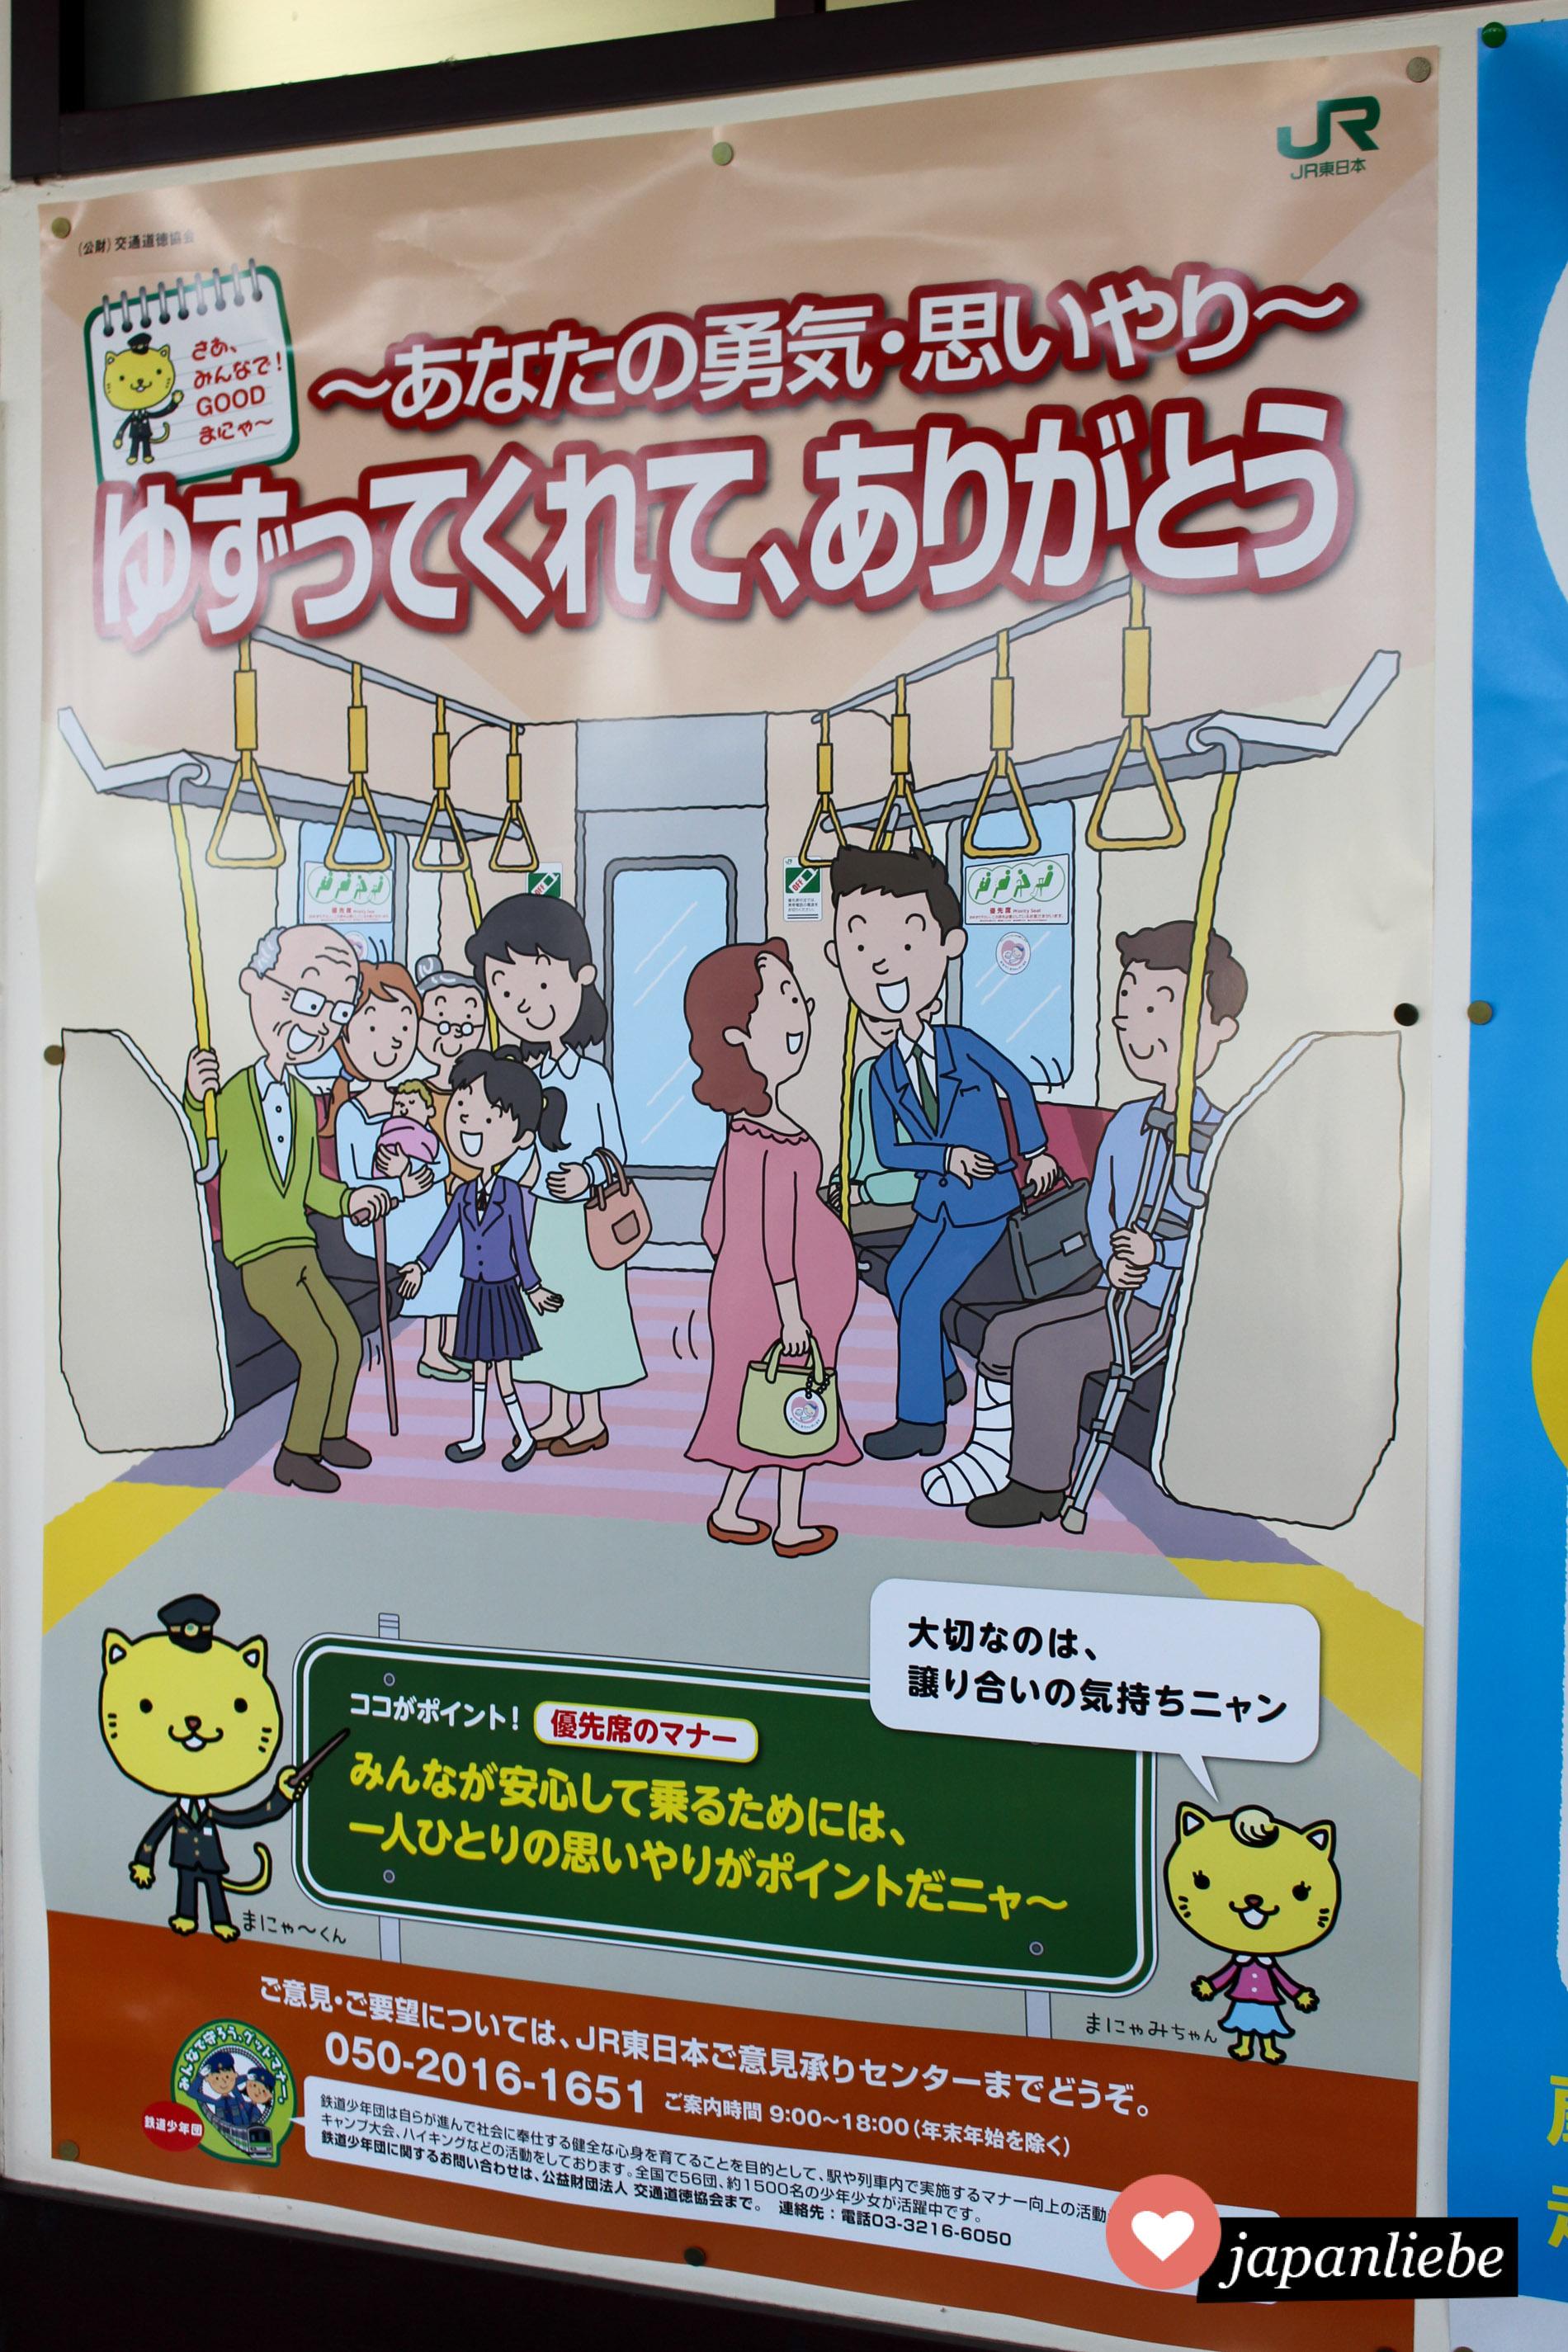 Ein Poster der Japanischen Bahngesellschafft JR wirbt dafür, seinen Platz Älteren und Schwangeren anzubieten.